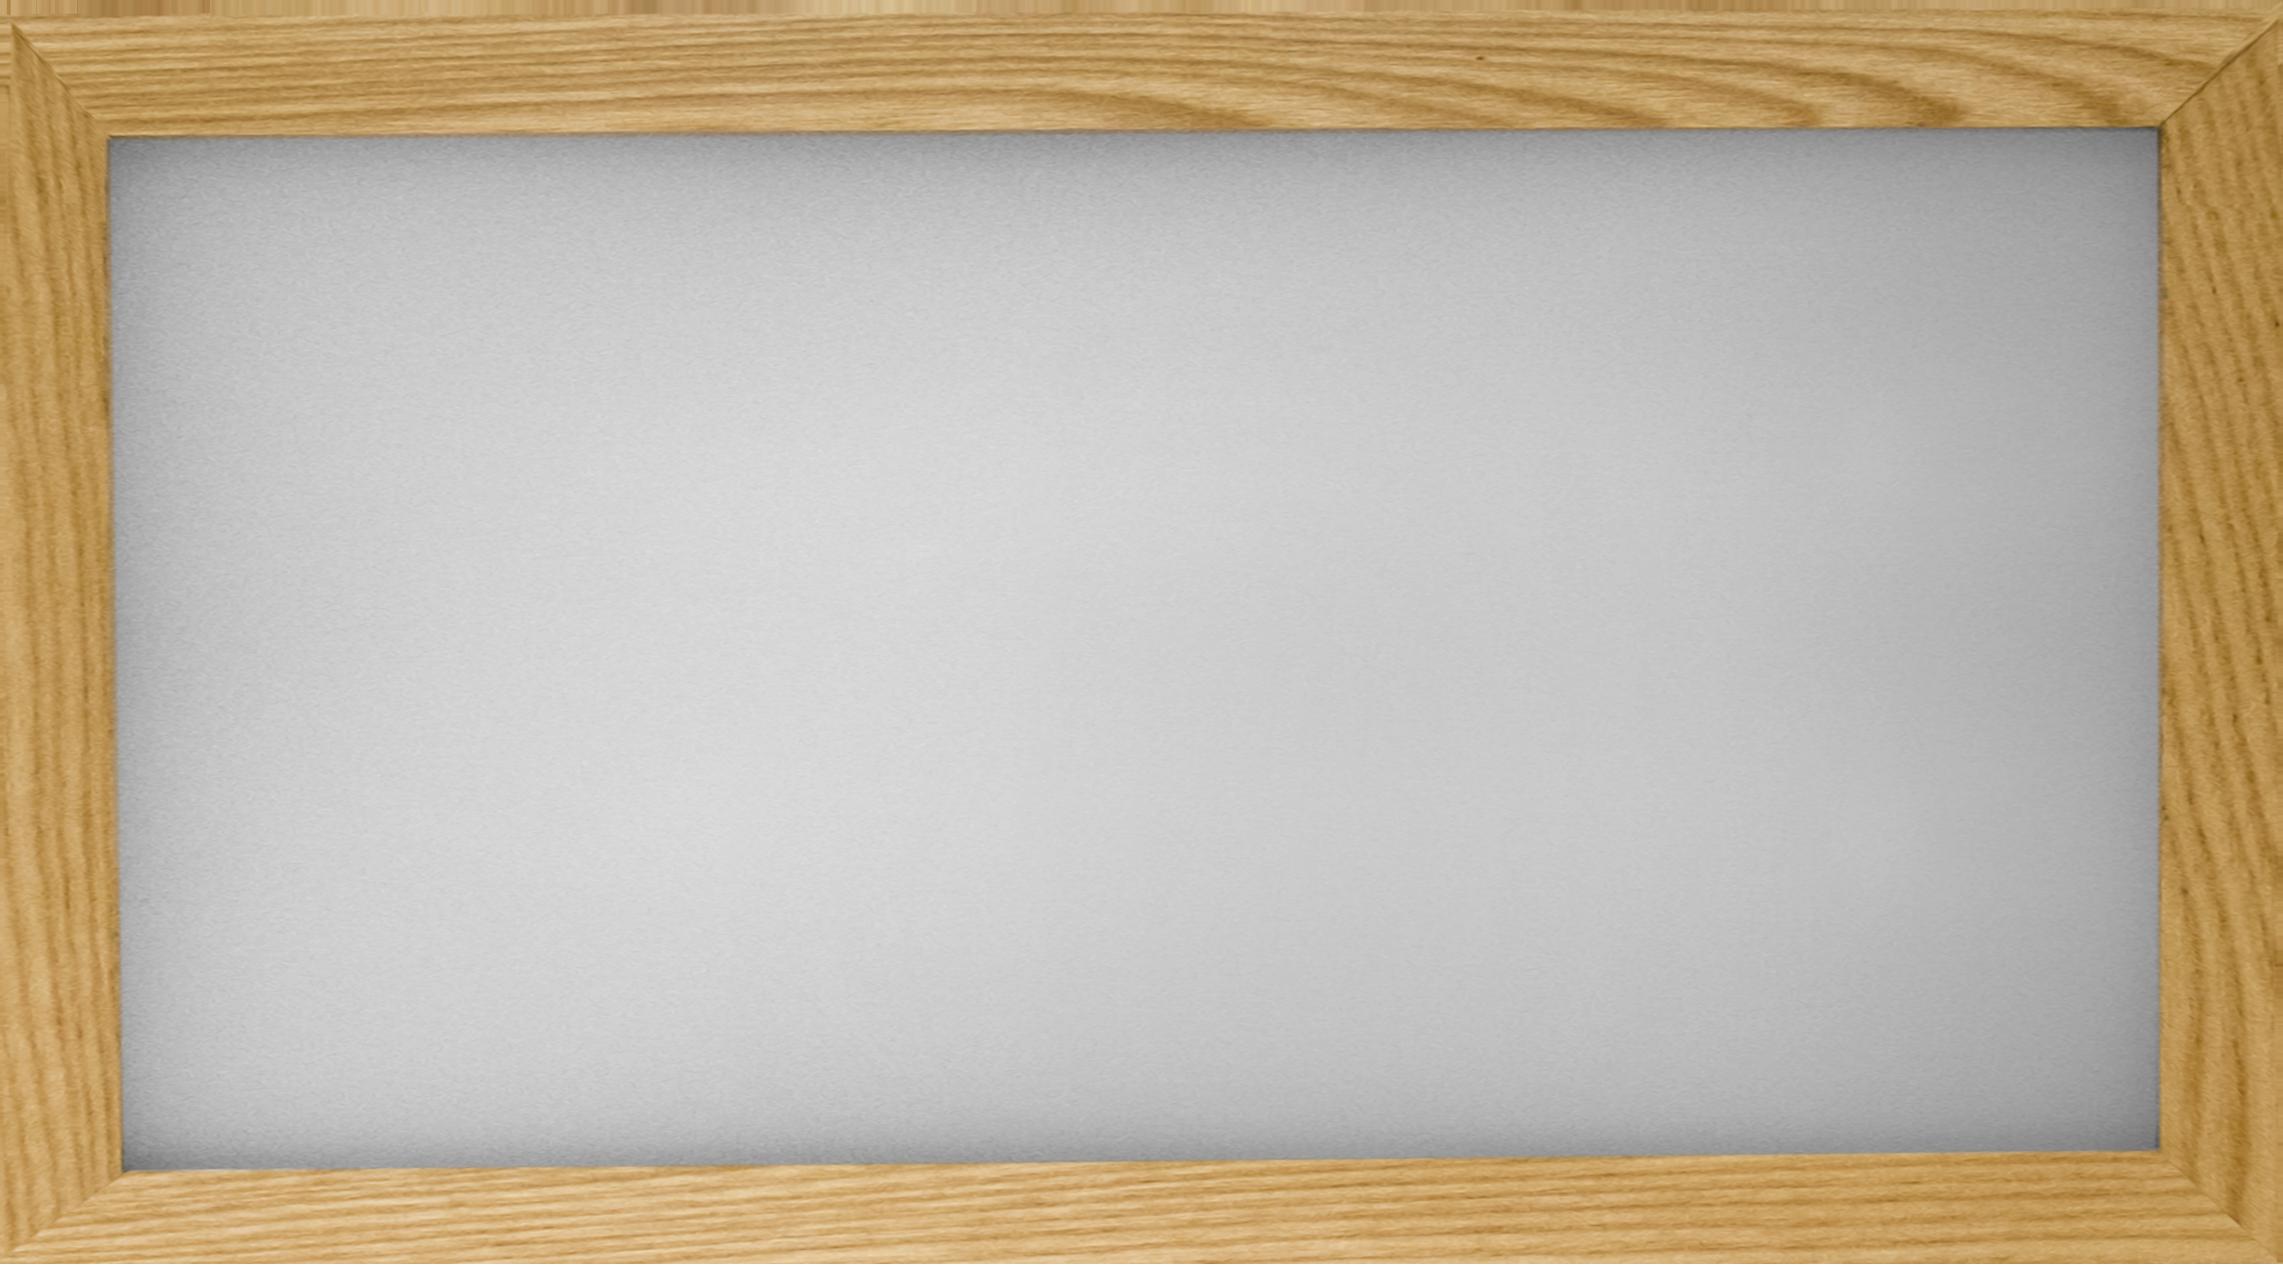 Светильник встраиваемый SQUARE BS555/B650x250